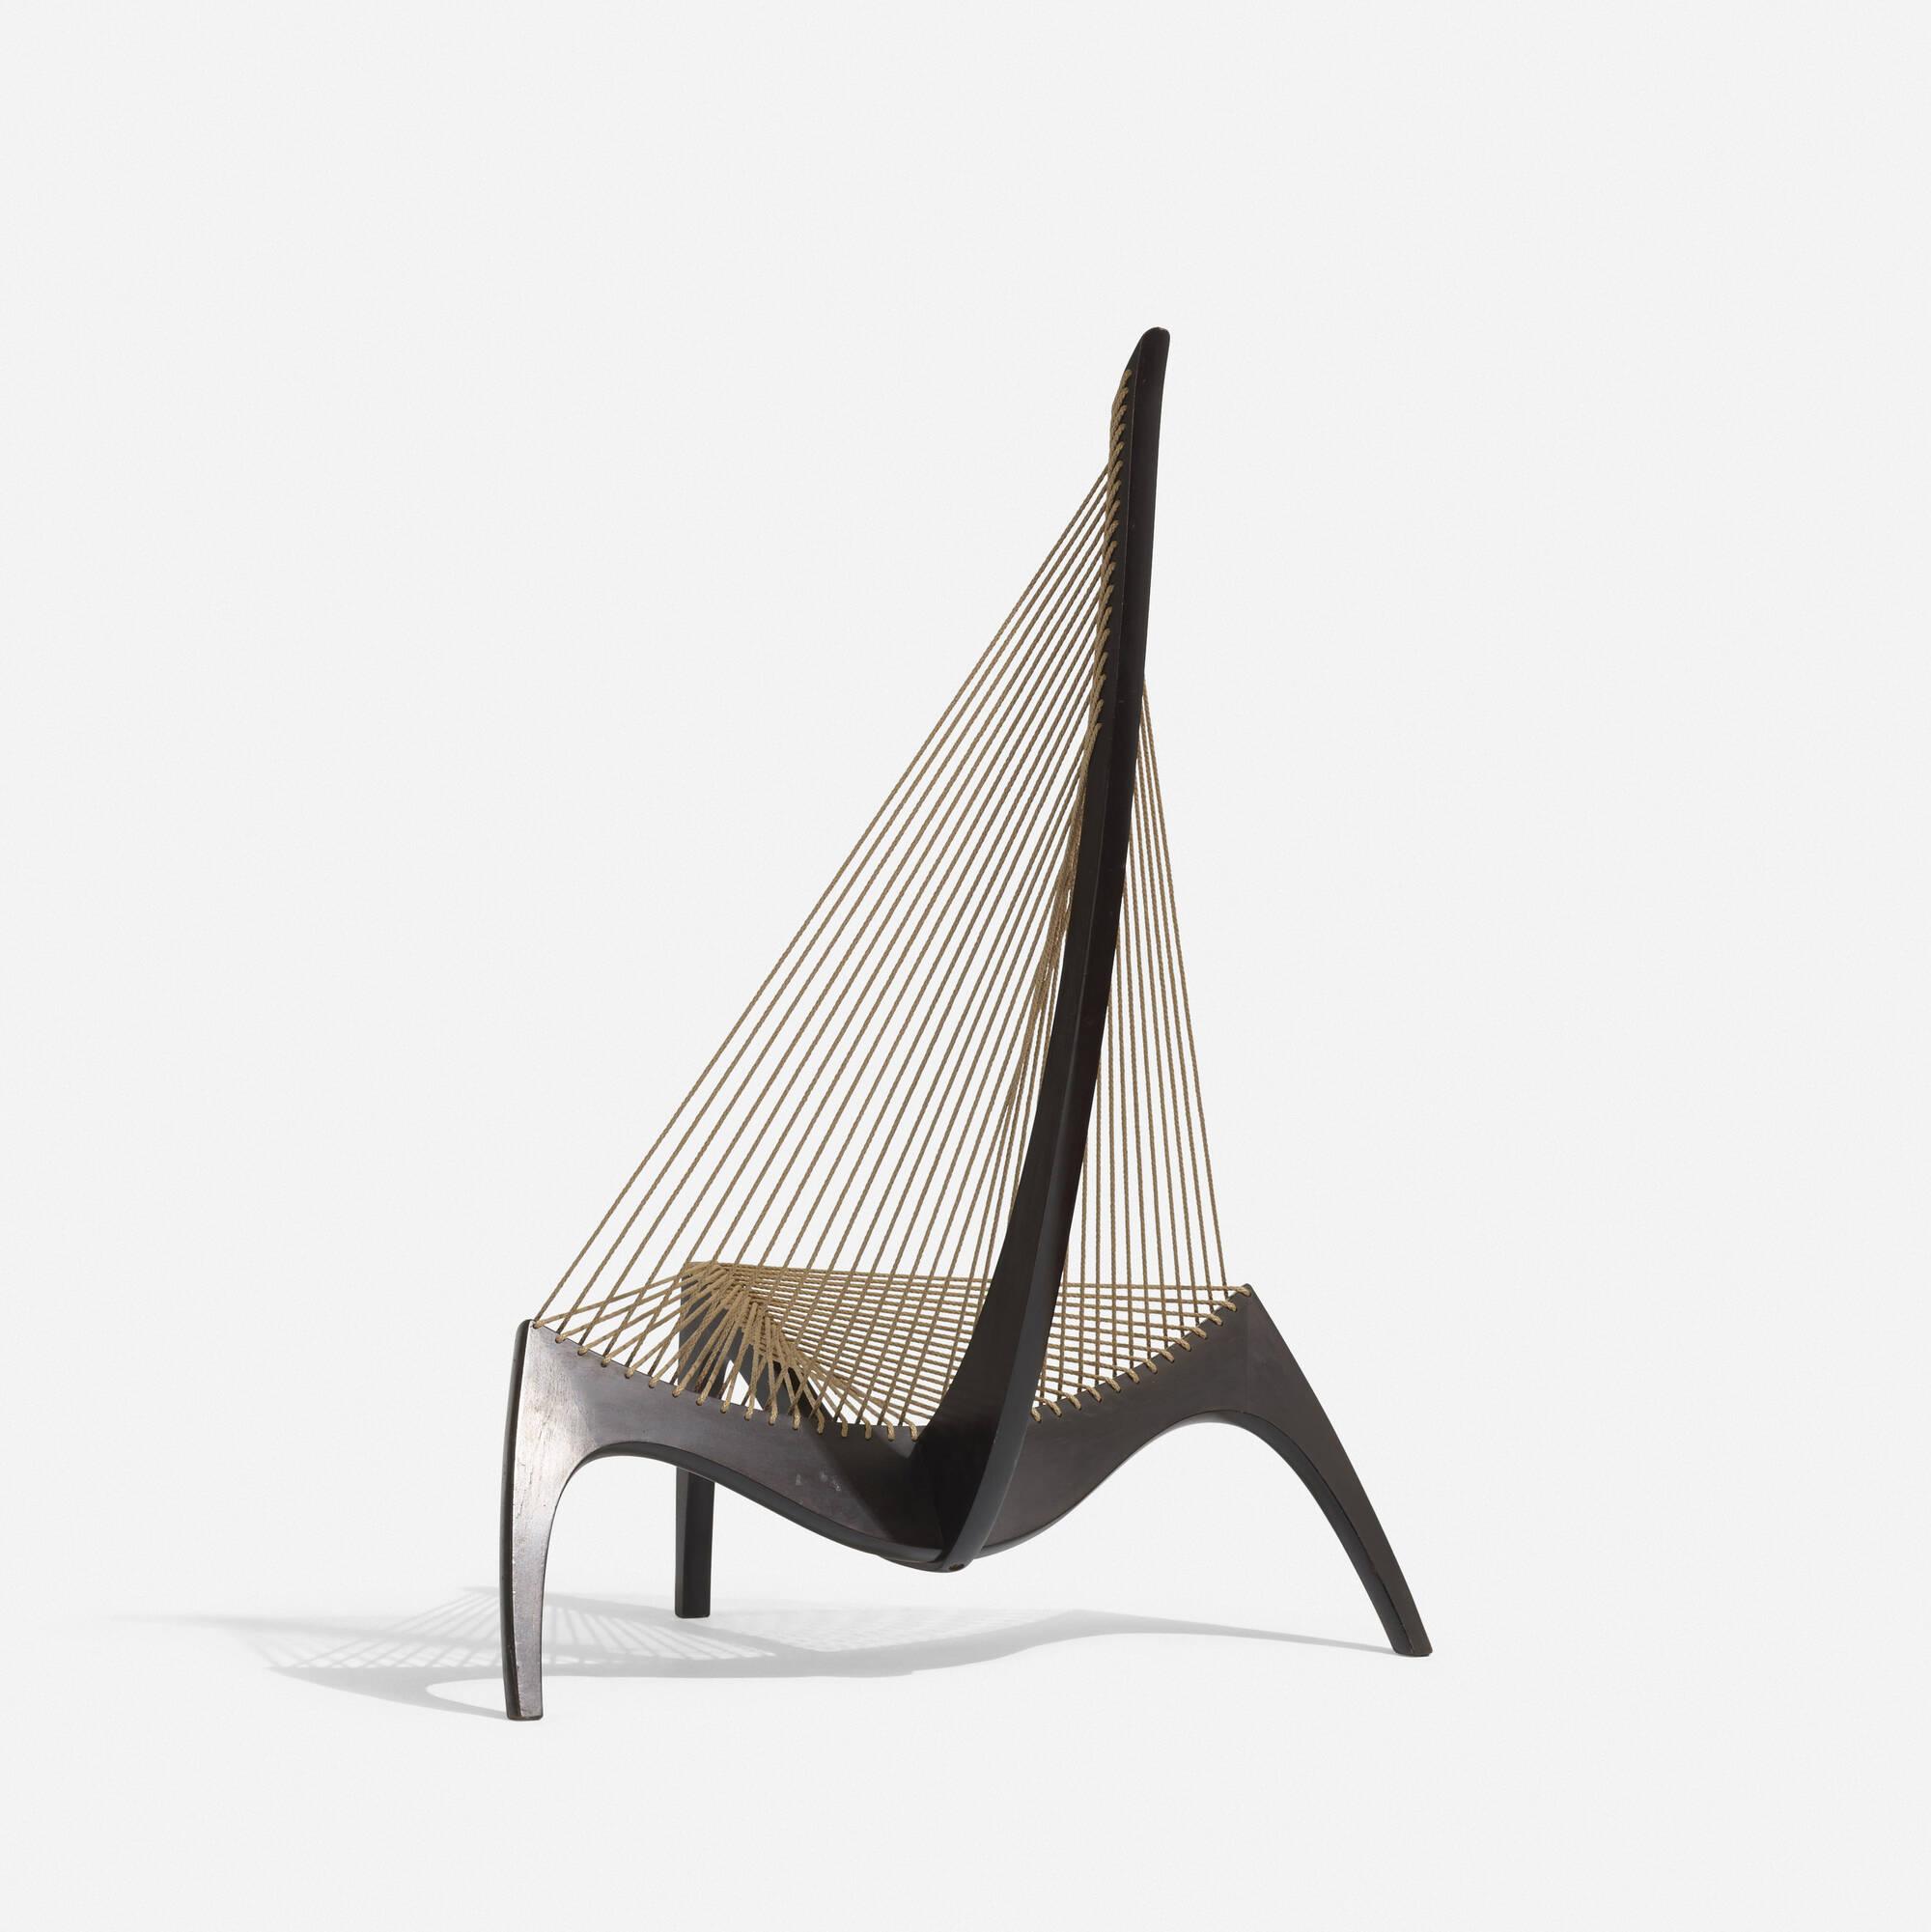 146: Jorgen Hovelskov / Harp chair (3 of 4)